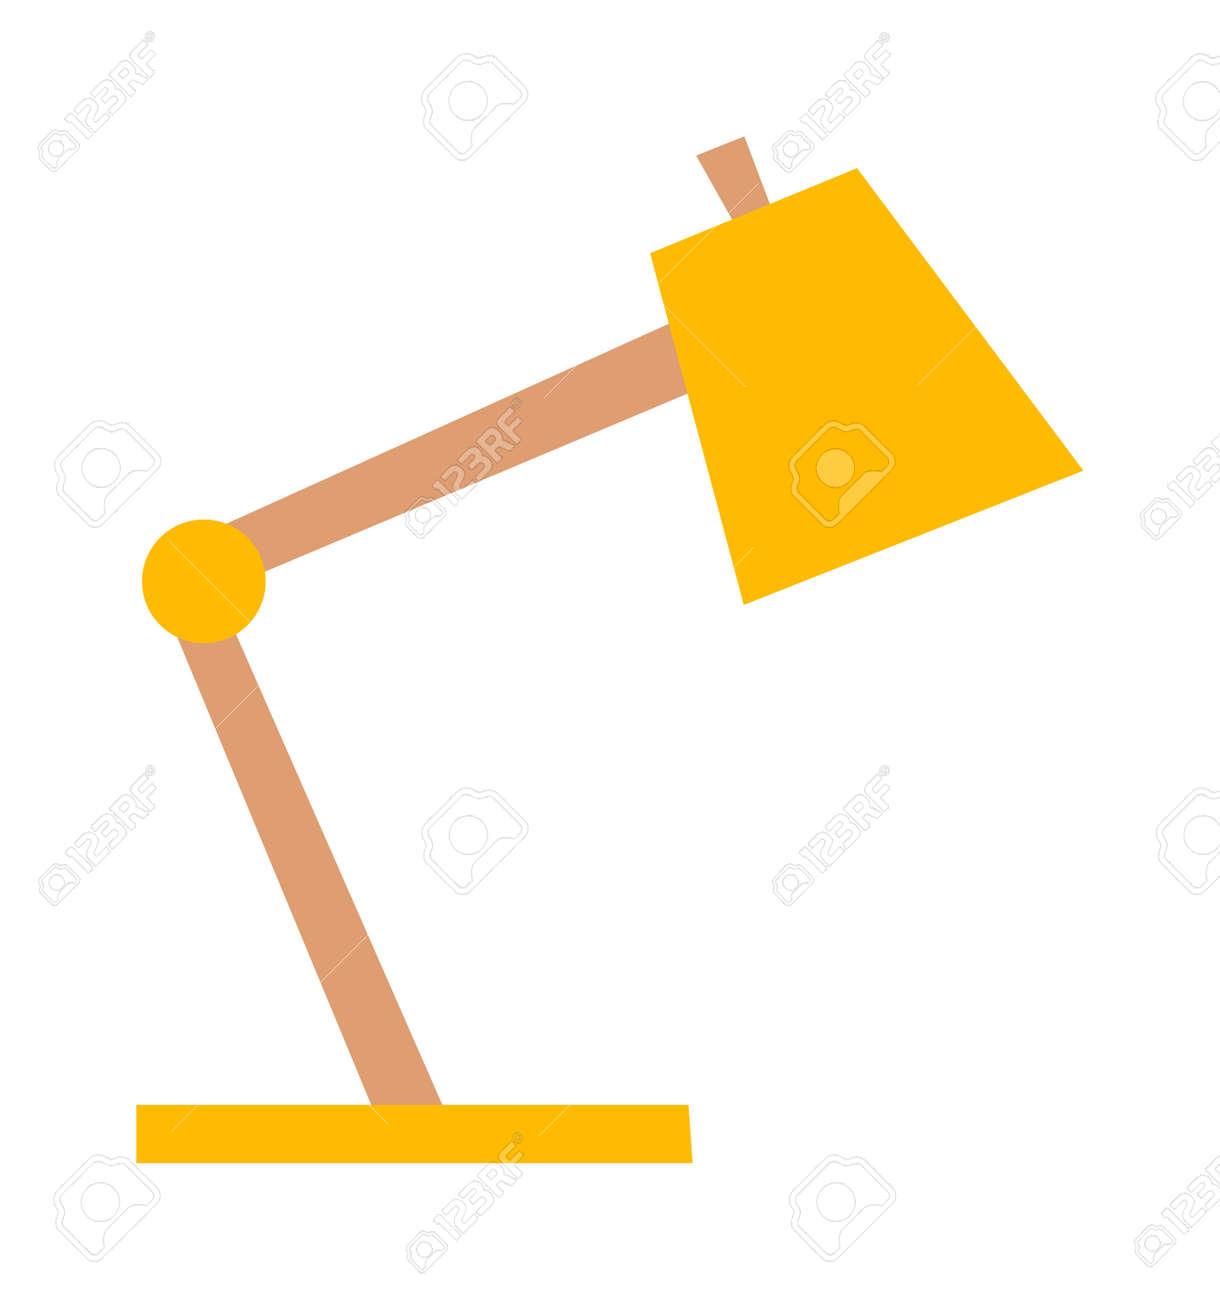 Sur Lampe Jaune De Conception Électrique Isolé ClairObjet Bureau Et BlancVecteur L'énergie Fond La rexCdBo